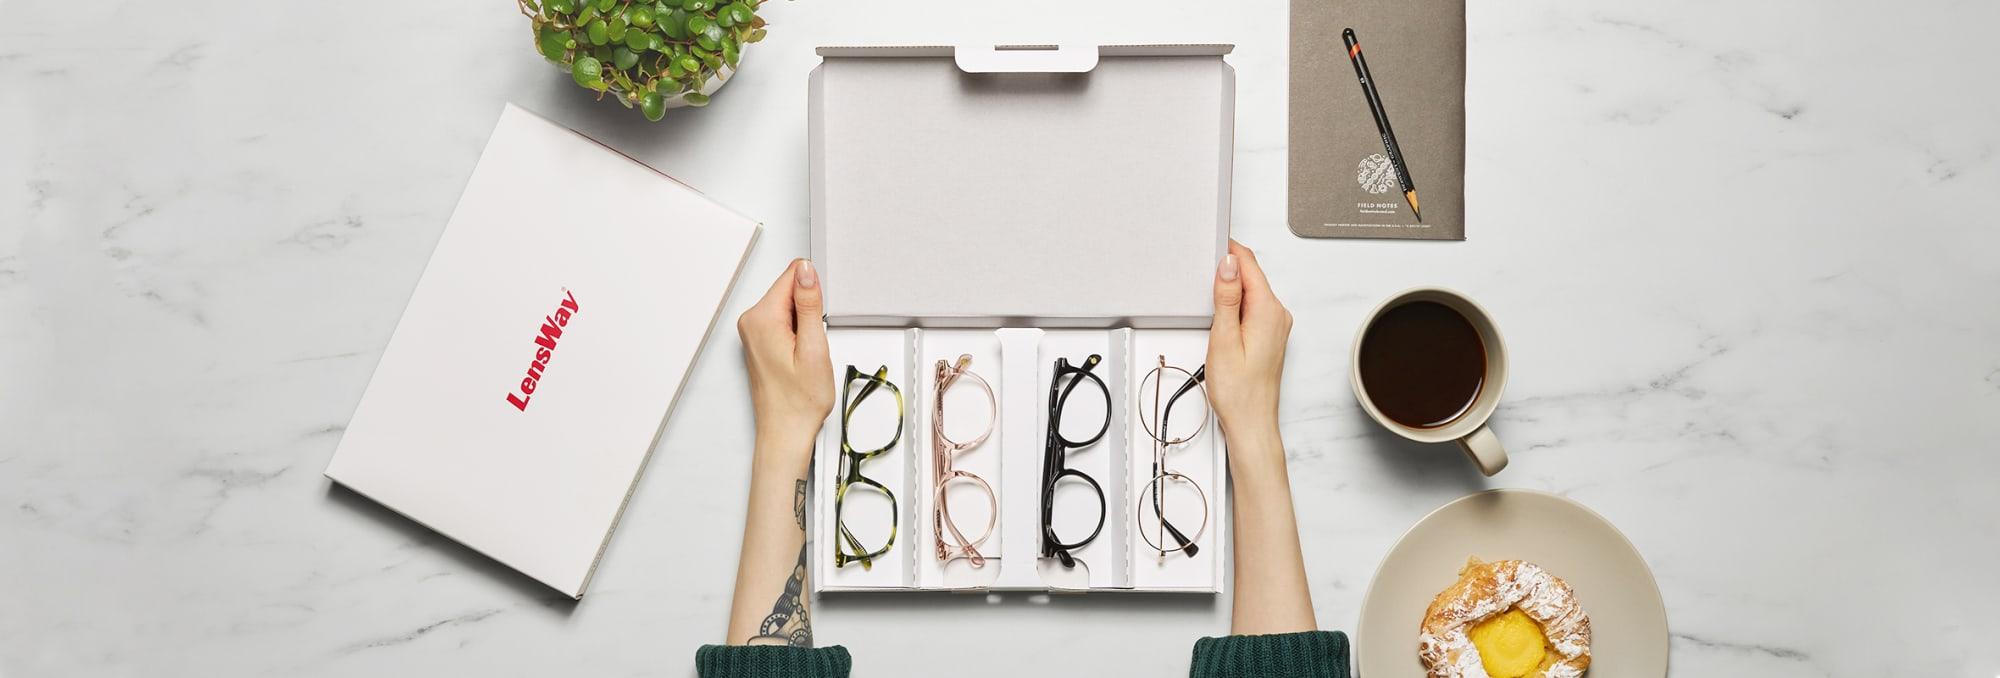 Så gör du för att prova glasögon hemma